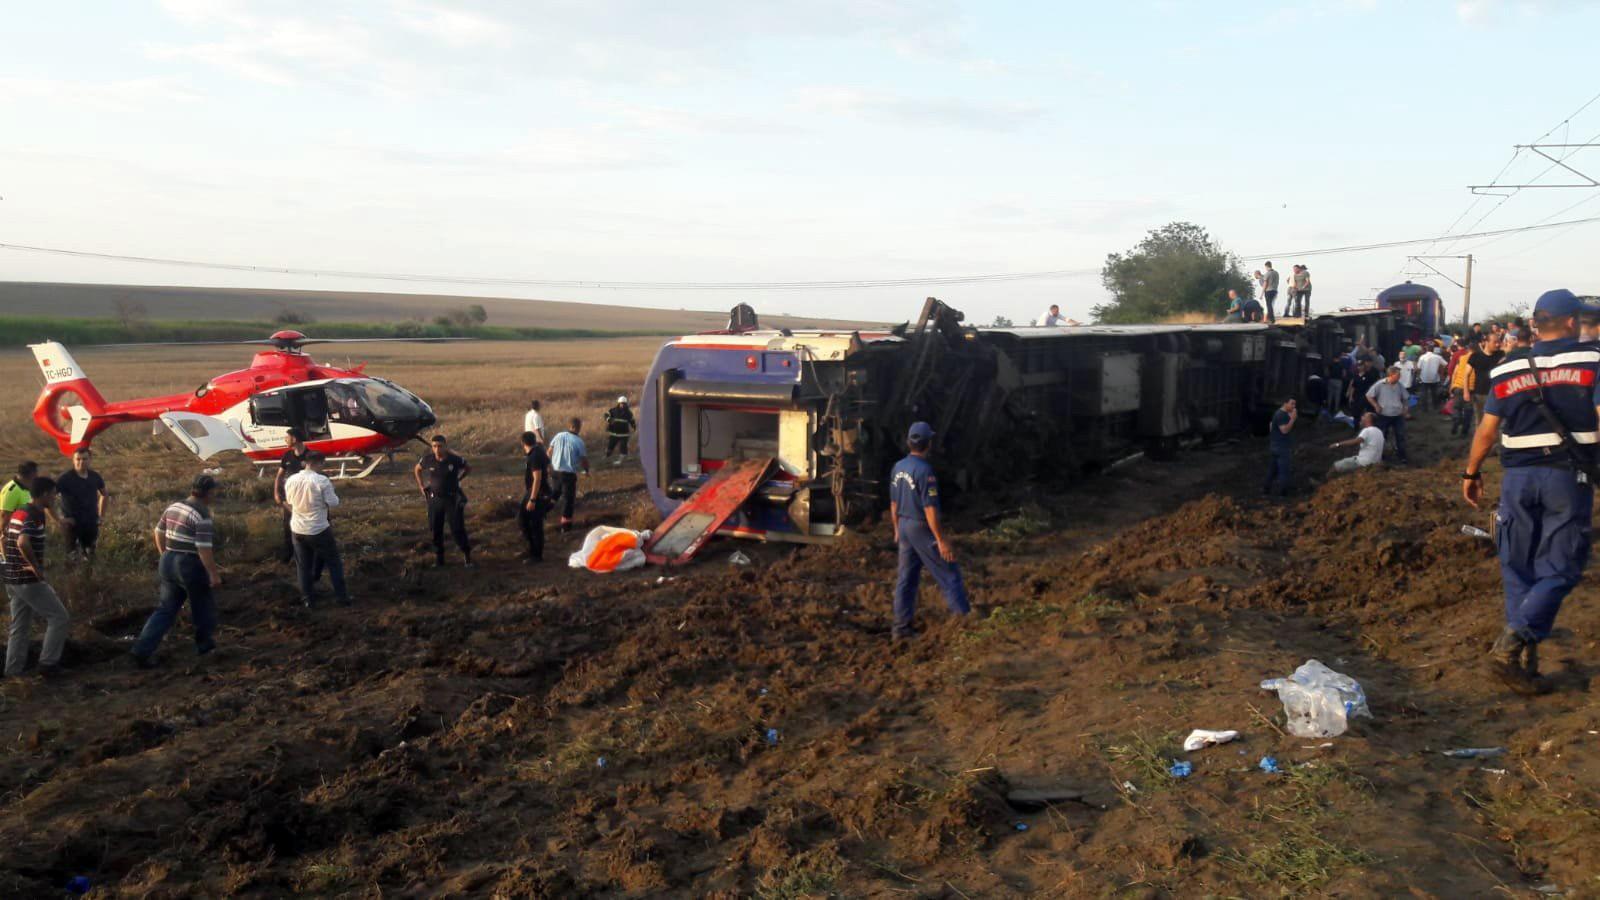 Çorlu Tren katliamı soruşturması: Ulaştırma Bakanlığı ve TCDD'ye takipsizlik